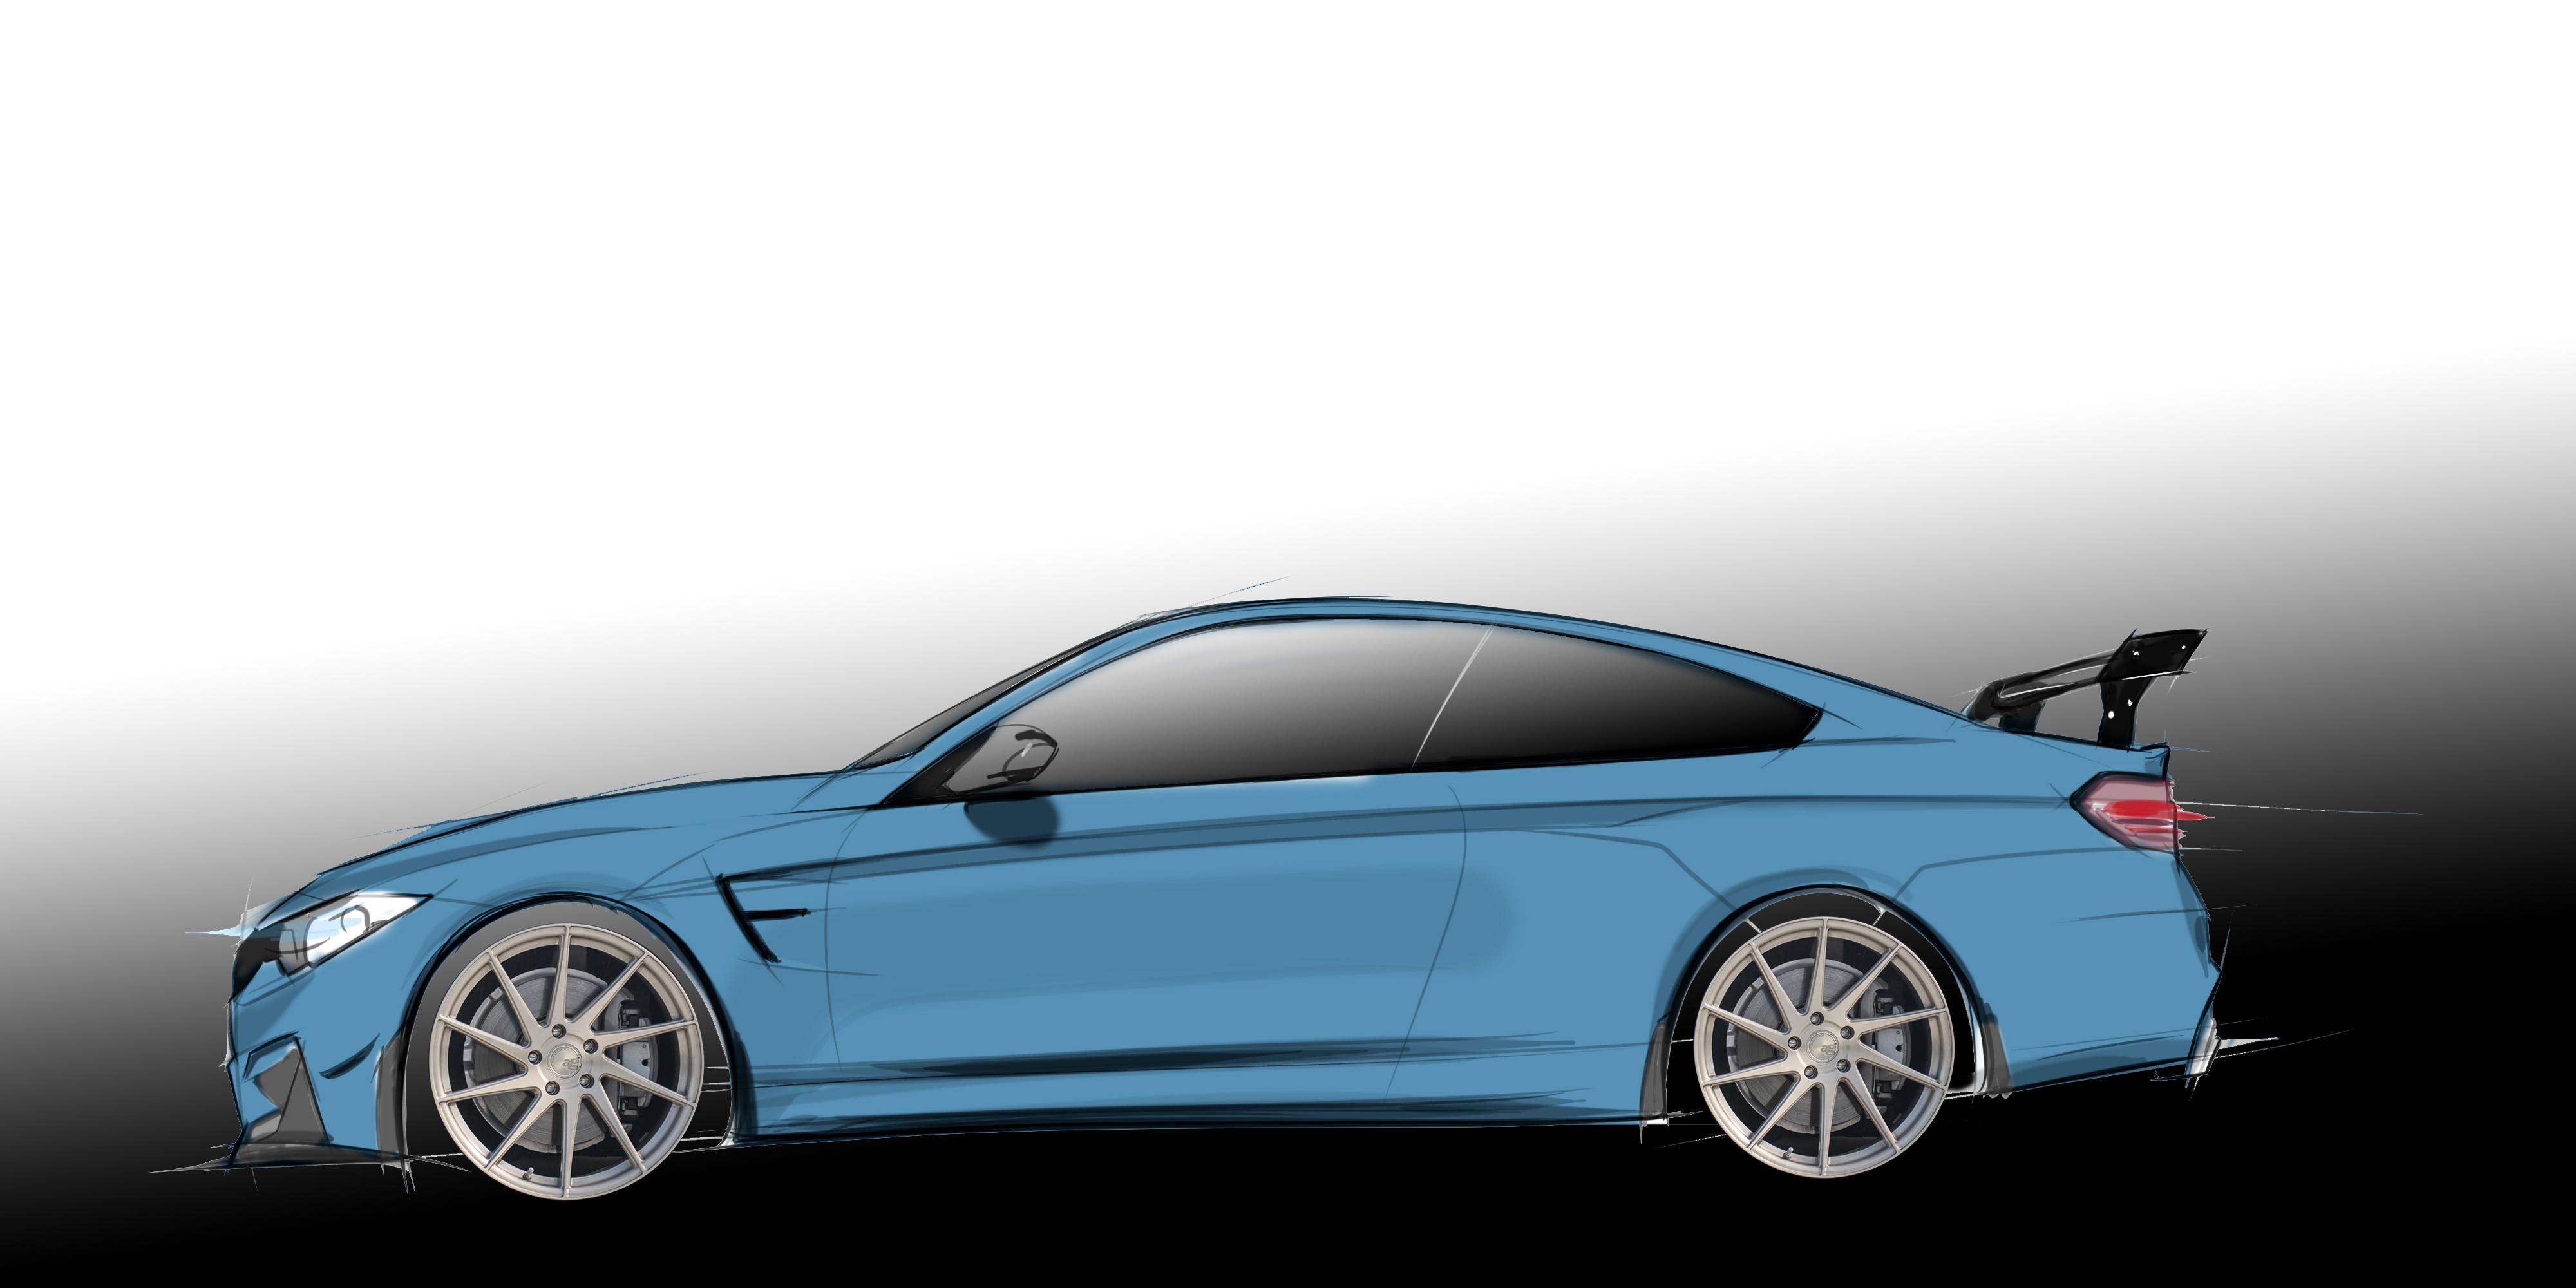 Blue BMW M4 F80 F82 Hand Drawn Digtal Car Sketch Rendering